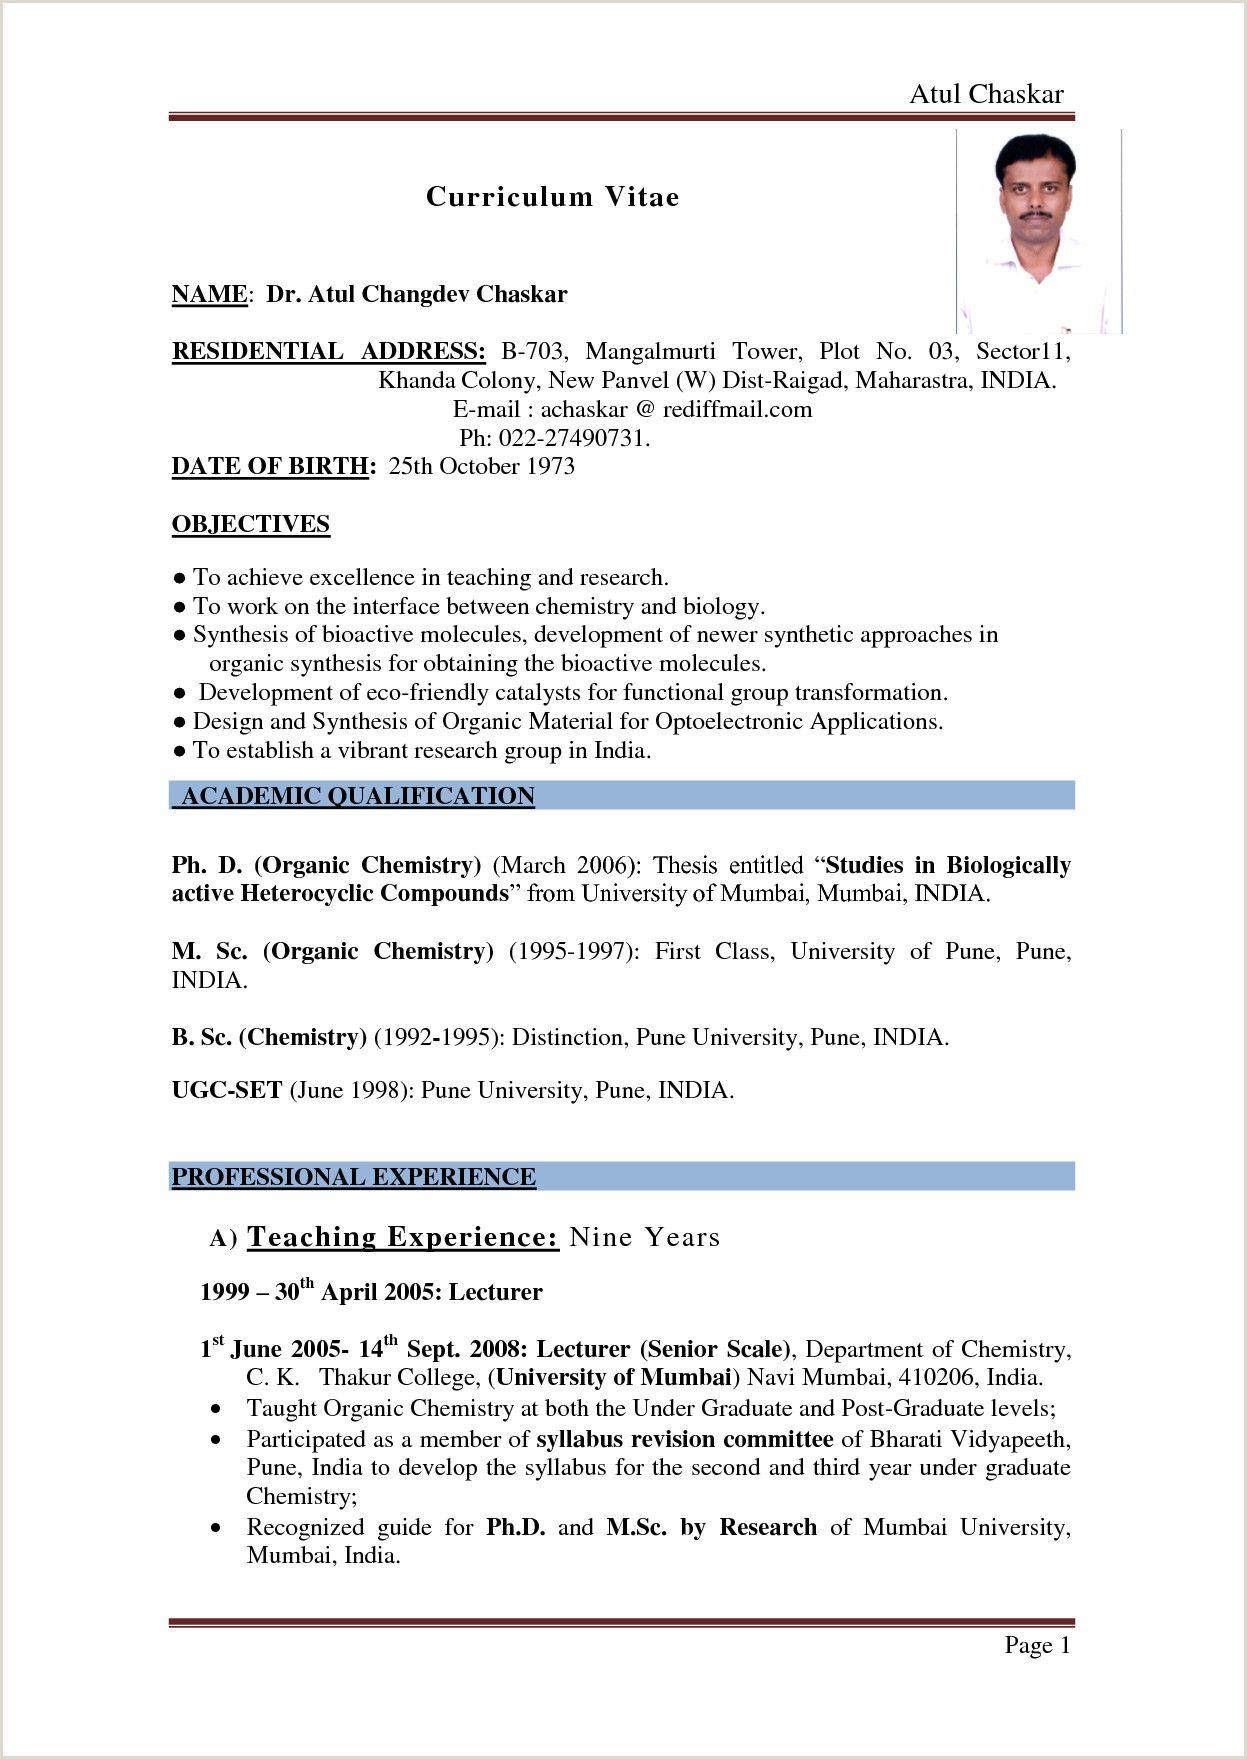 Fresher Teacher Cv format In Word in 2020 Job resume